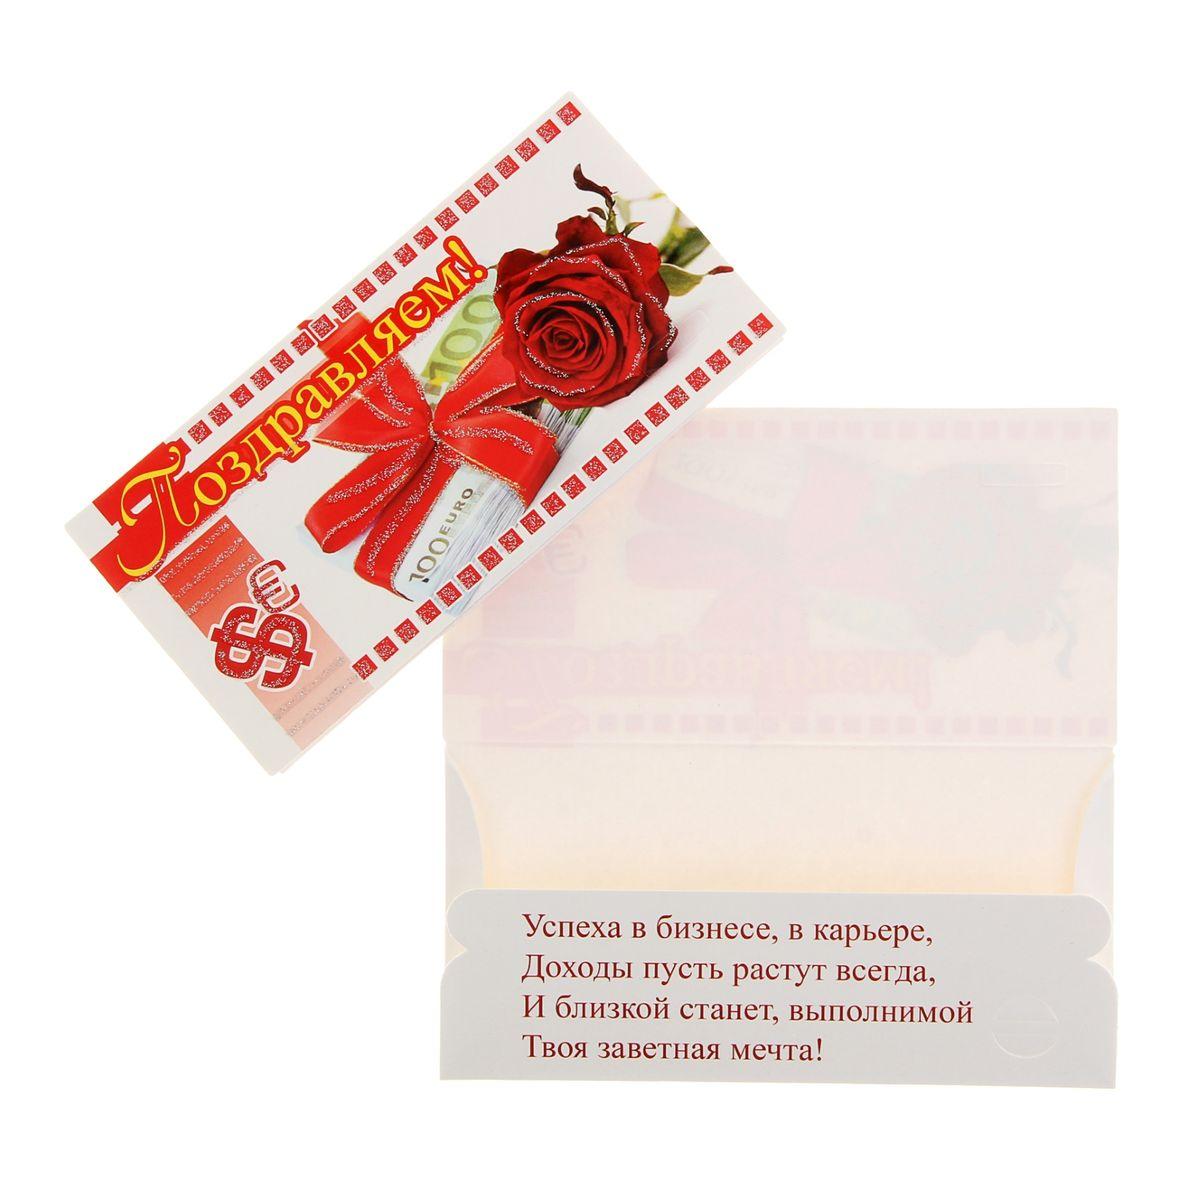 Конверт для денег Этюд Поздравляем! Красная роза. 10317671031767Конверт для денег Этюд Поздравляем! Красная роза выполнен из плотной бумаги и украшен яркой картинкой, соответствующей событию, для которого предназначен. Это необычная красивая одежка для денежного подарка, а так же отличная возможность сделать его более праздничным и создать прекрасное настроение! Конверт Этюд Поздравляем! Красная роза - идеальное решение, если вы хотите подарить деньги.